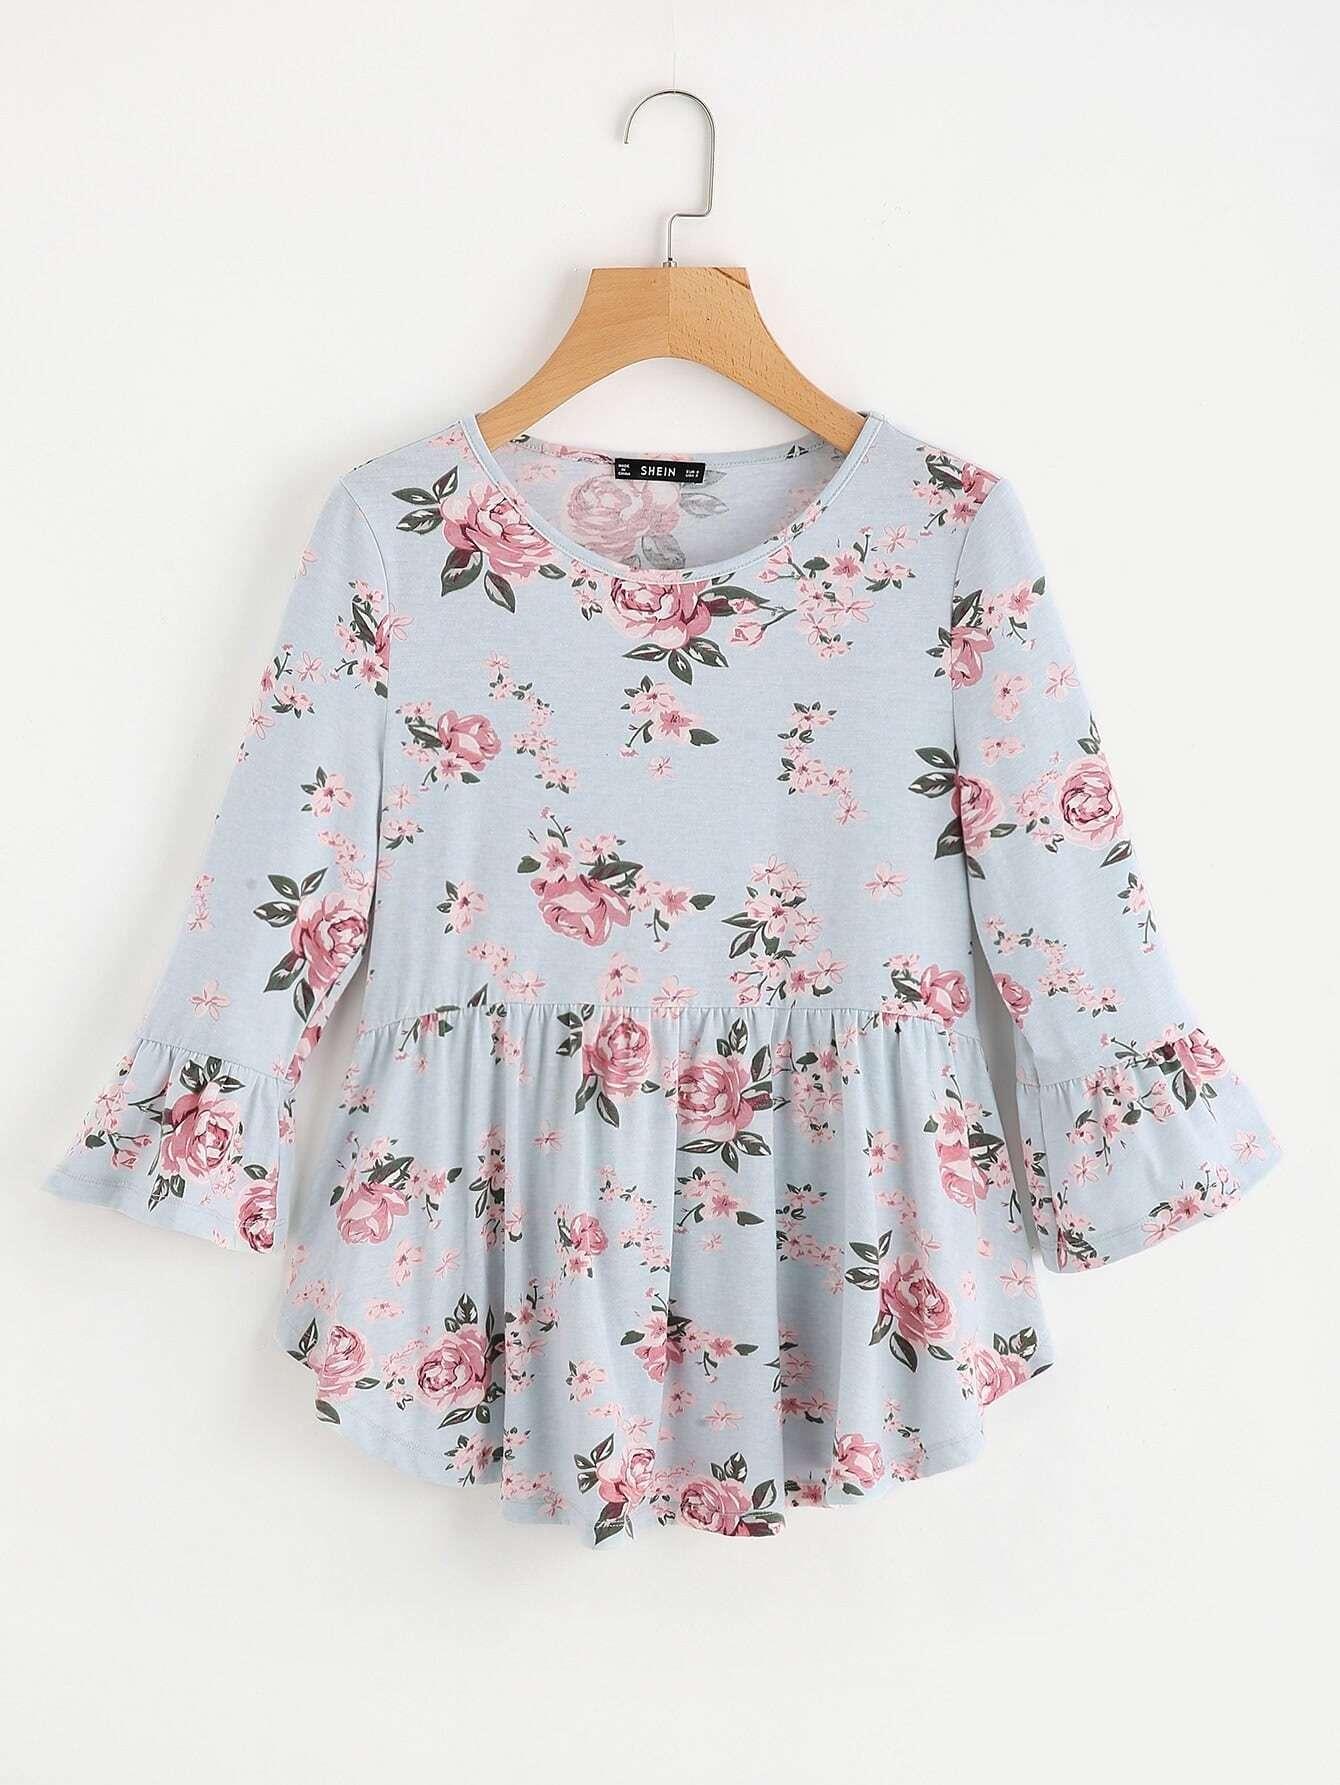 Купить Модный джемпер с цветочным принтом, null, SheIn